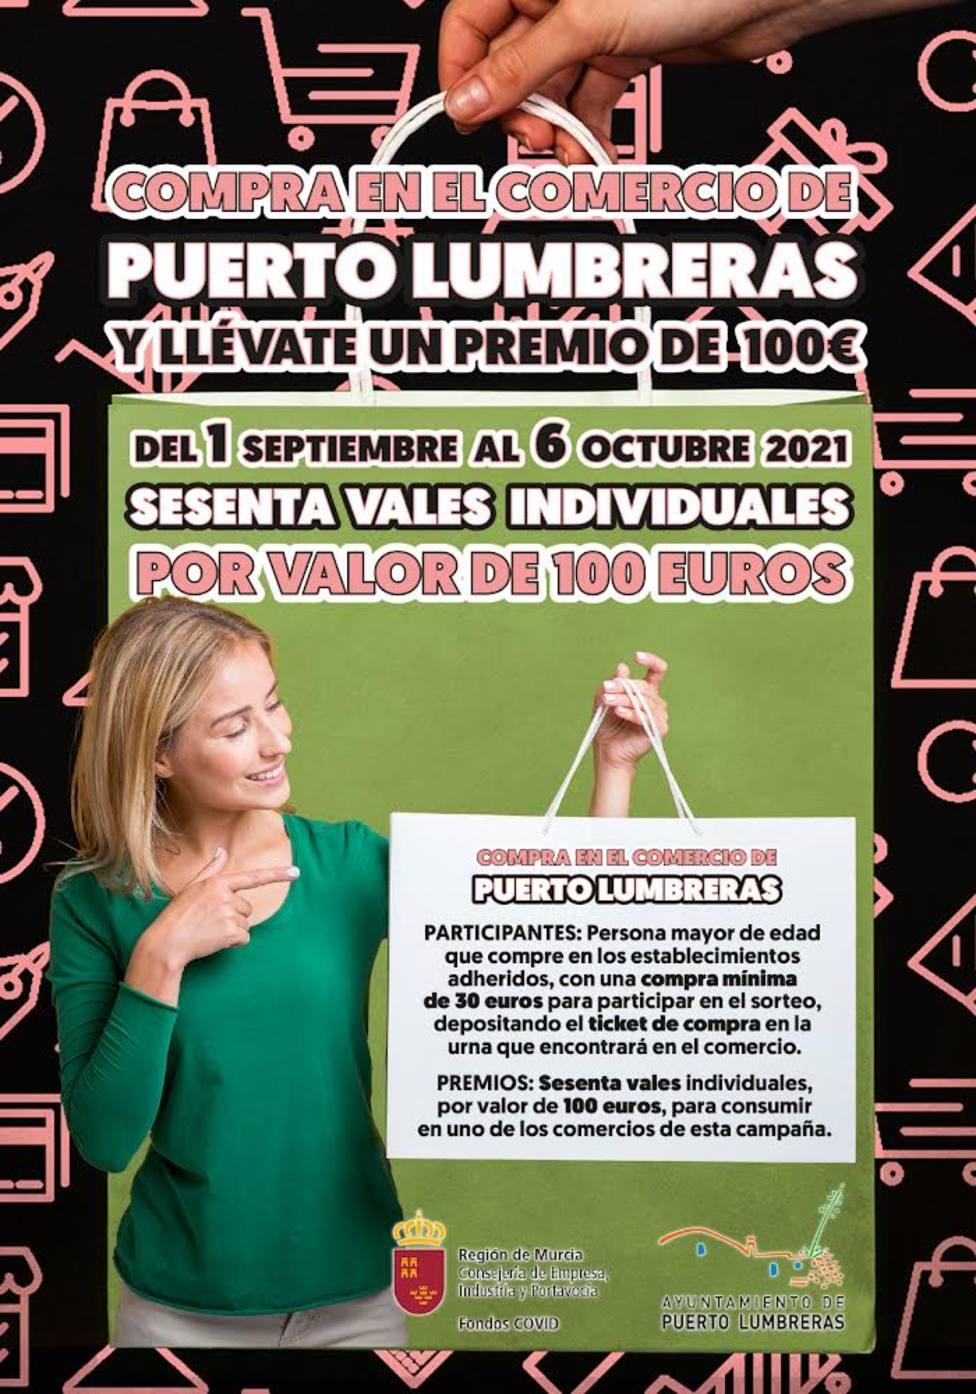 """Vuelve la campaña """"Compra en Puerto Lumbreras y llévate un premio"""""""